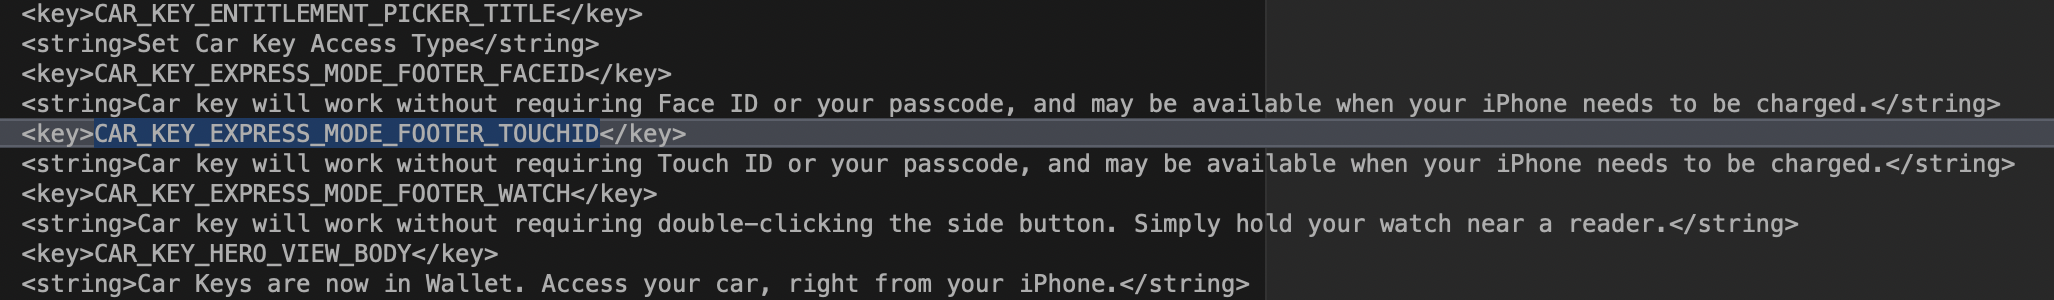 iOS 13.4.5: Misterioso iPhone 9 pode receber as mais recentes funções de CarKey – Mundo Smart - mundosmart